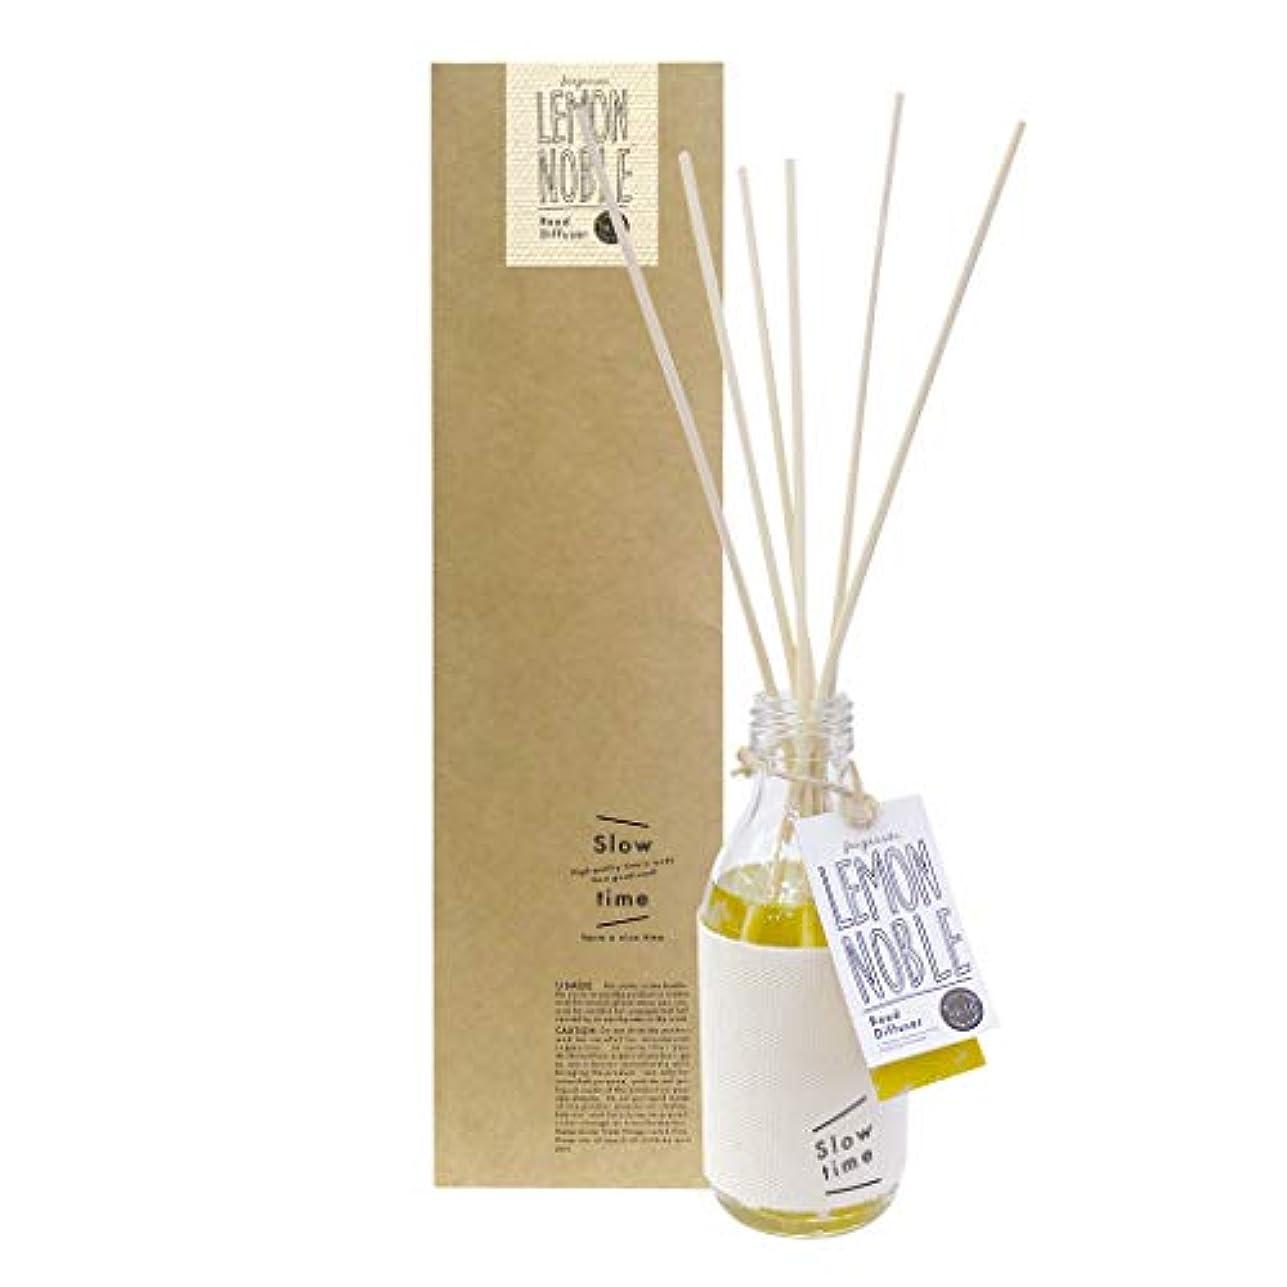 できないワイプスタウトノルコーポレーション リードディフューザー スロータイム レモンノーブル 柑橘とスパイスの香り 150ml SWT-1-01